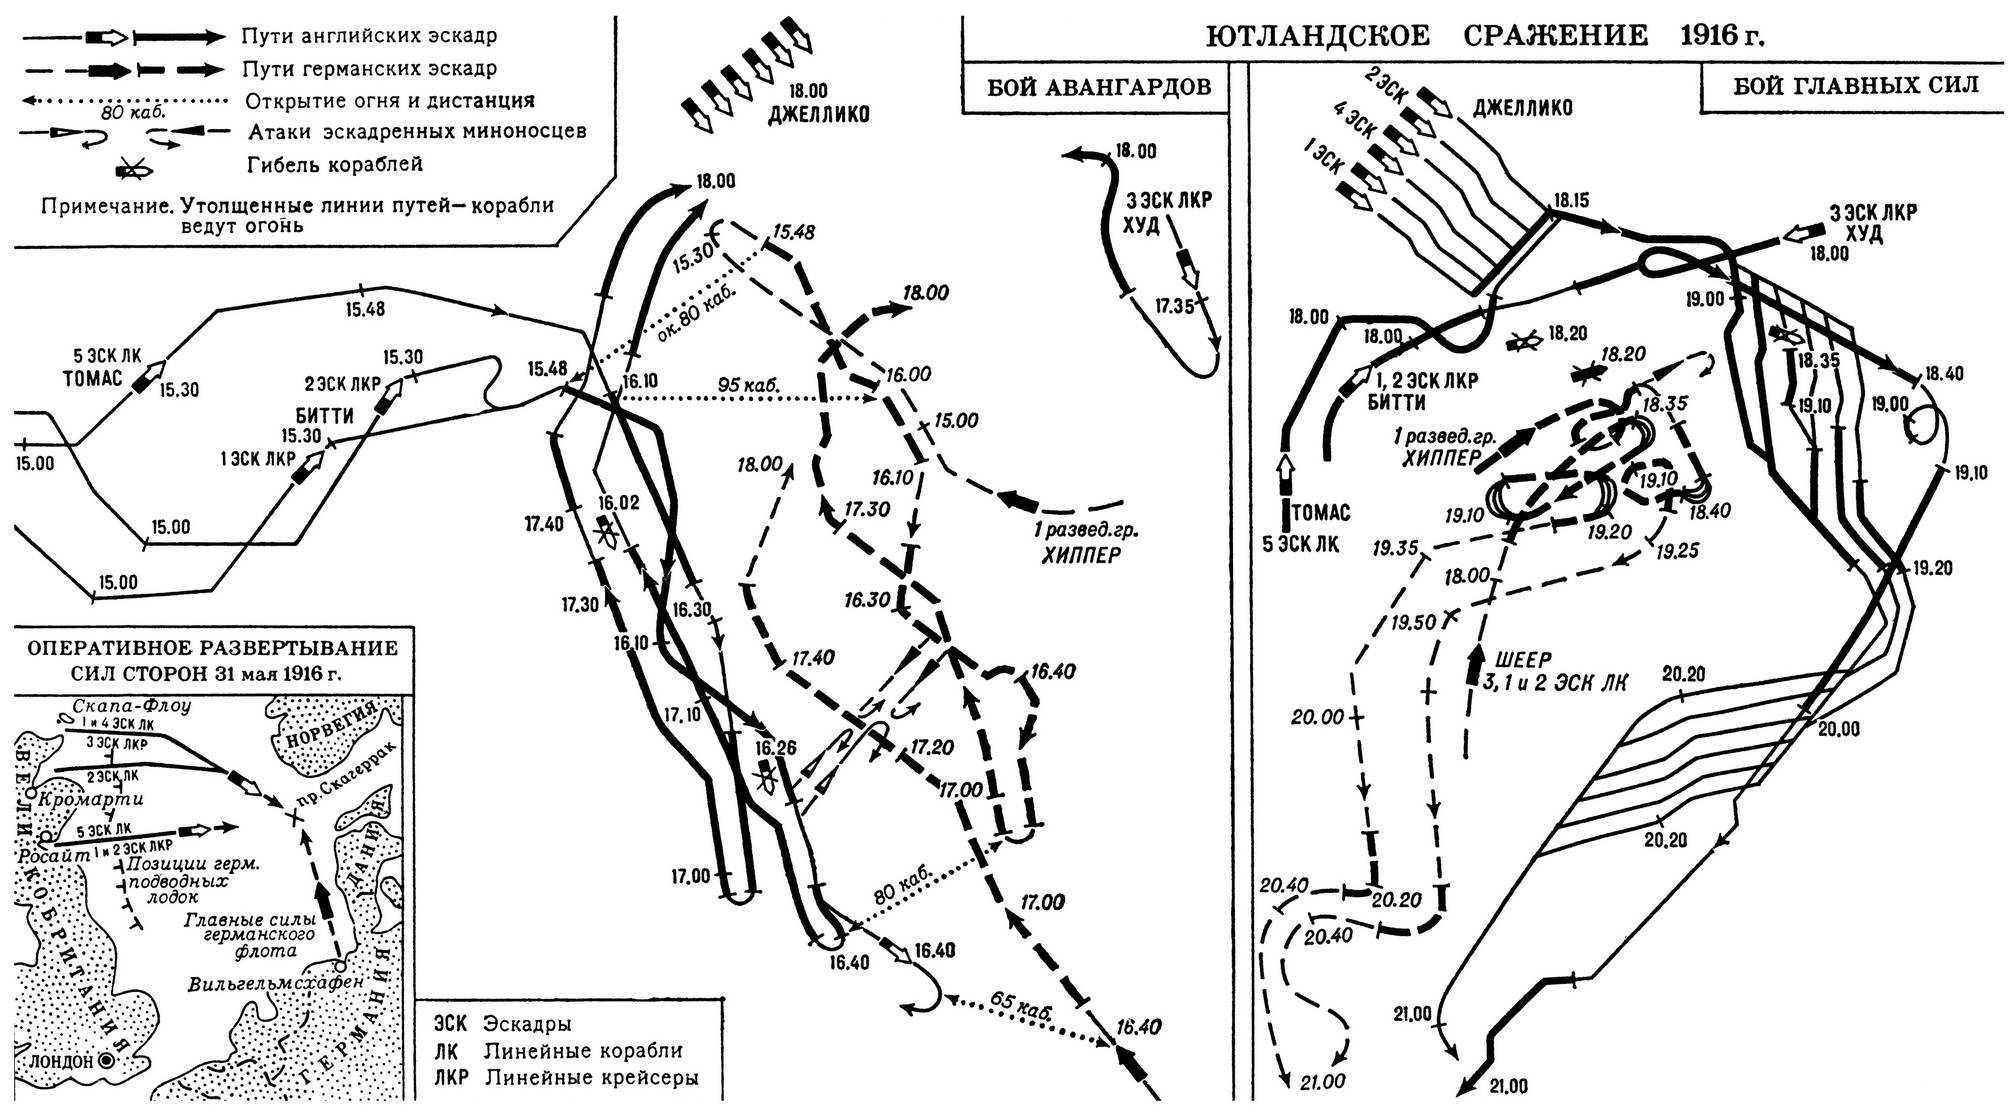 Даты сражений первой мировой войны